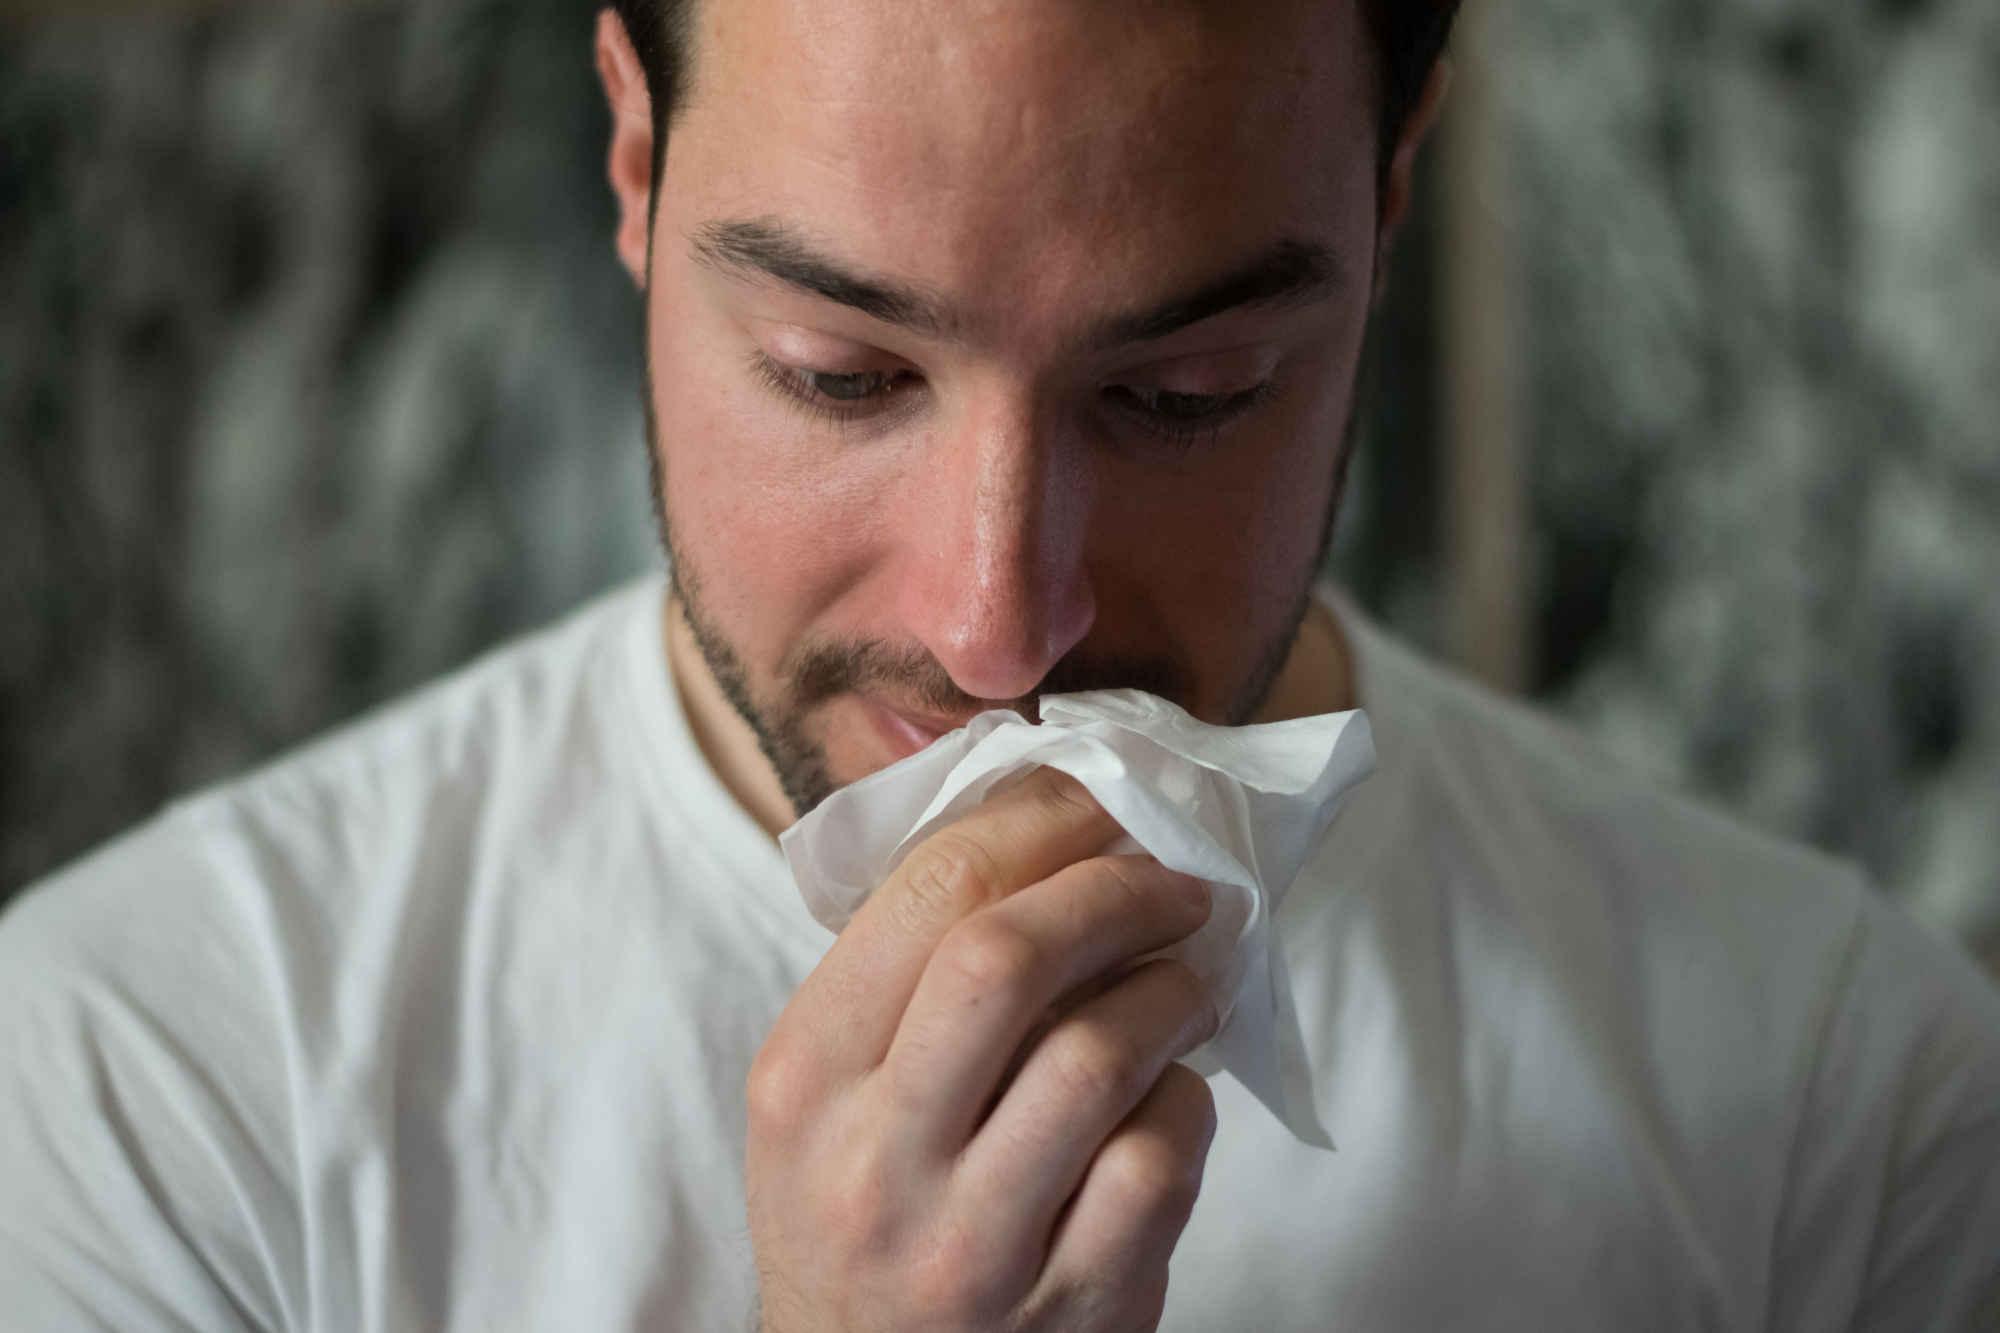 Les bienfaits des catéchines du thé contre le rhume des foins